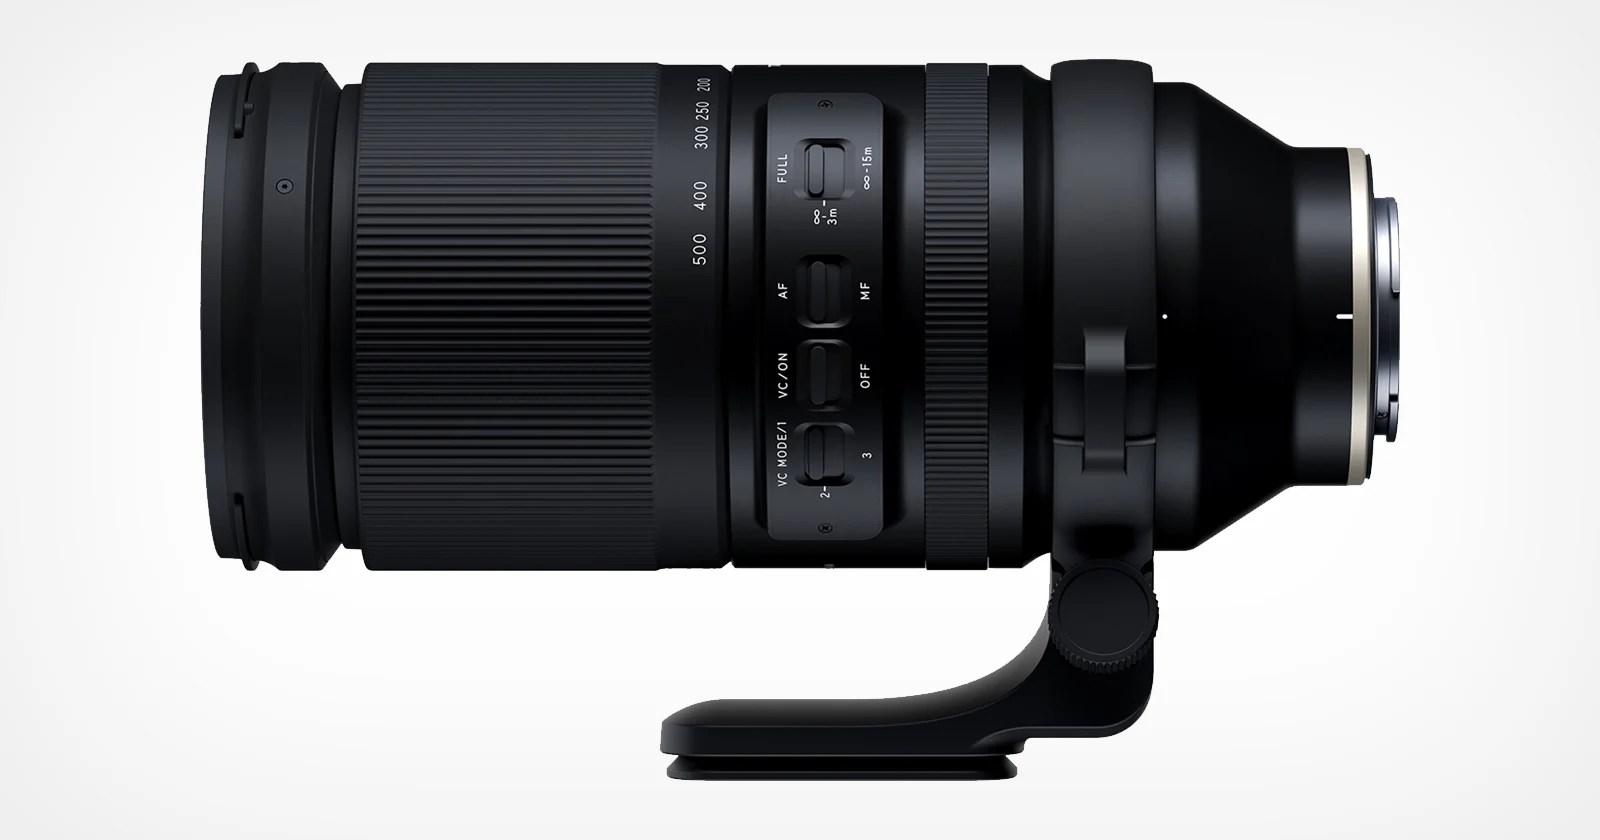 Tamron lancia lo zoom super tele da 150-500 mm per Sony E-Mount